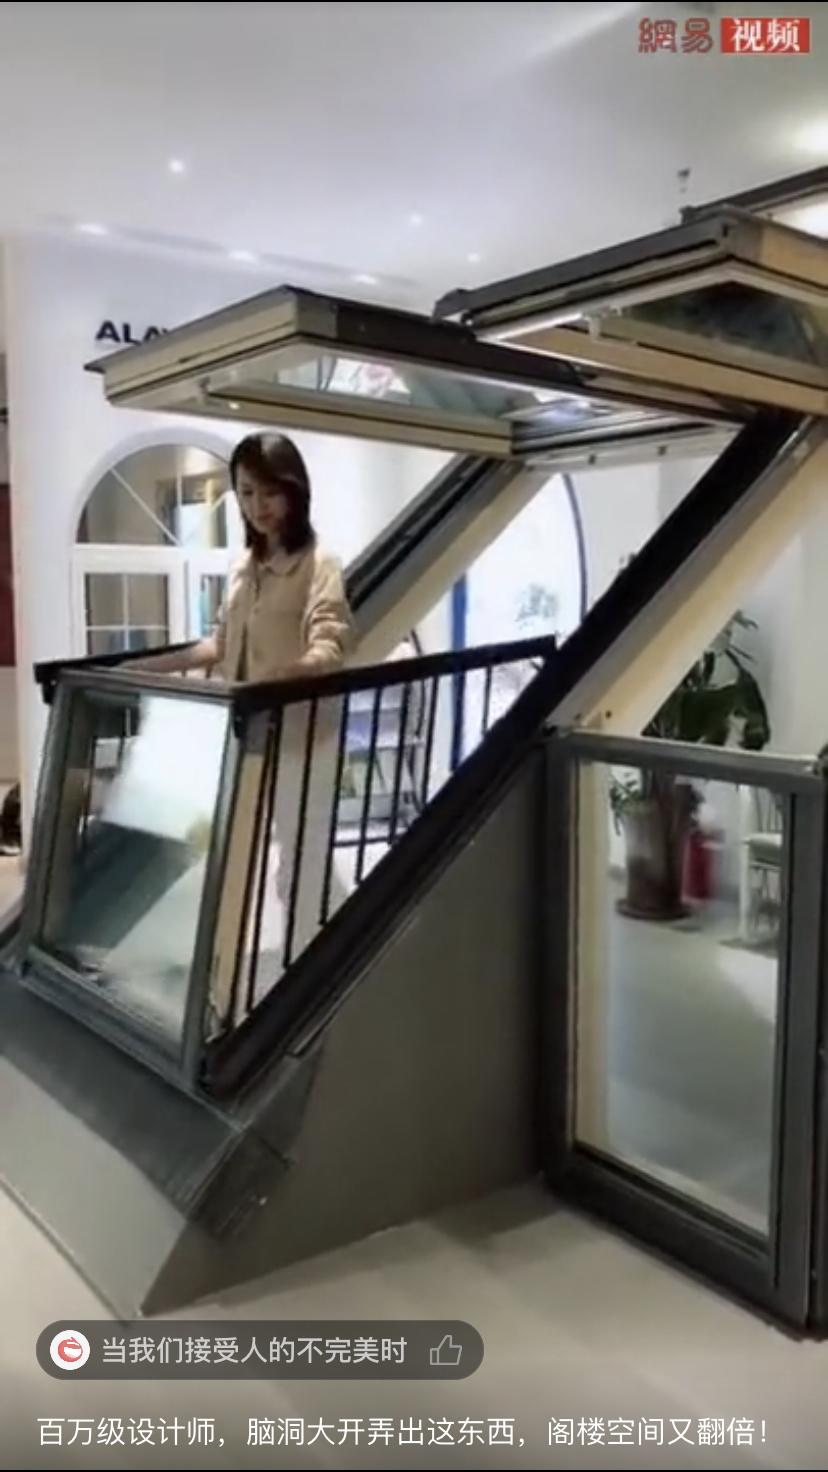 别墅屋顶没有窗户,可以打开做窗户么?像这样的